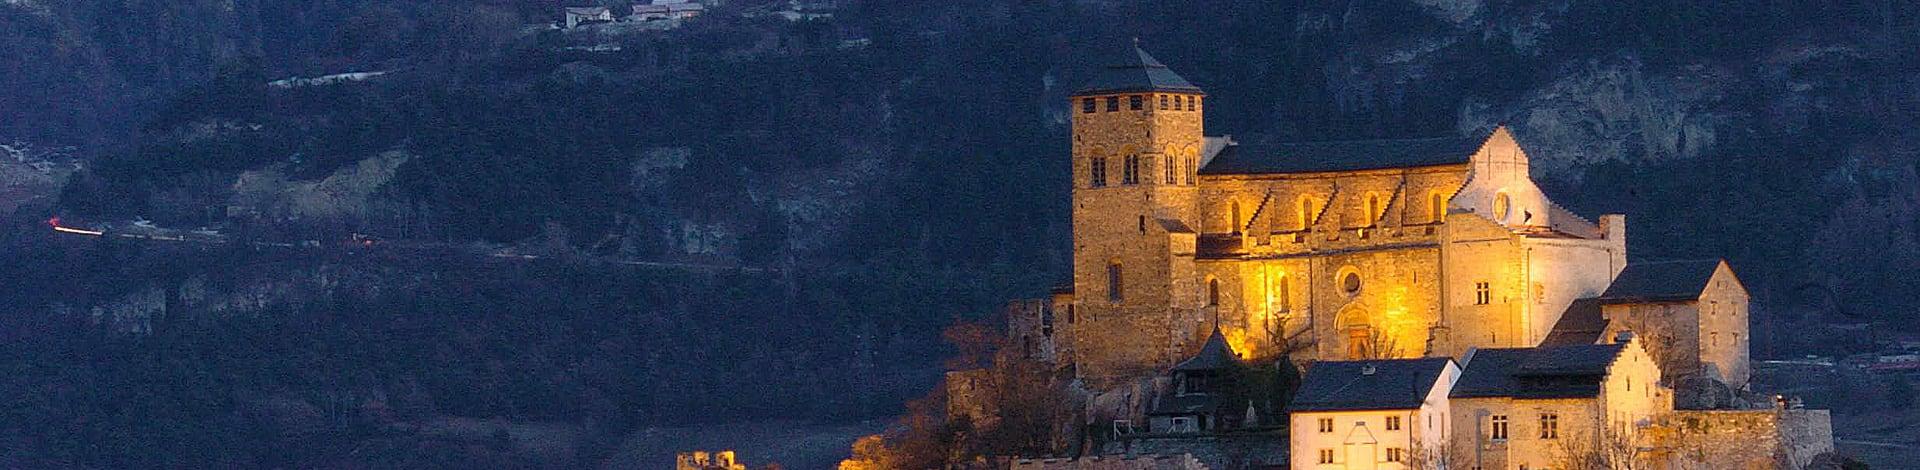 le château de sion